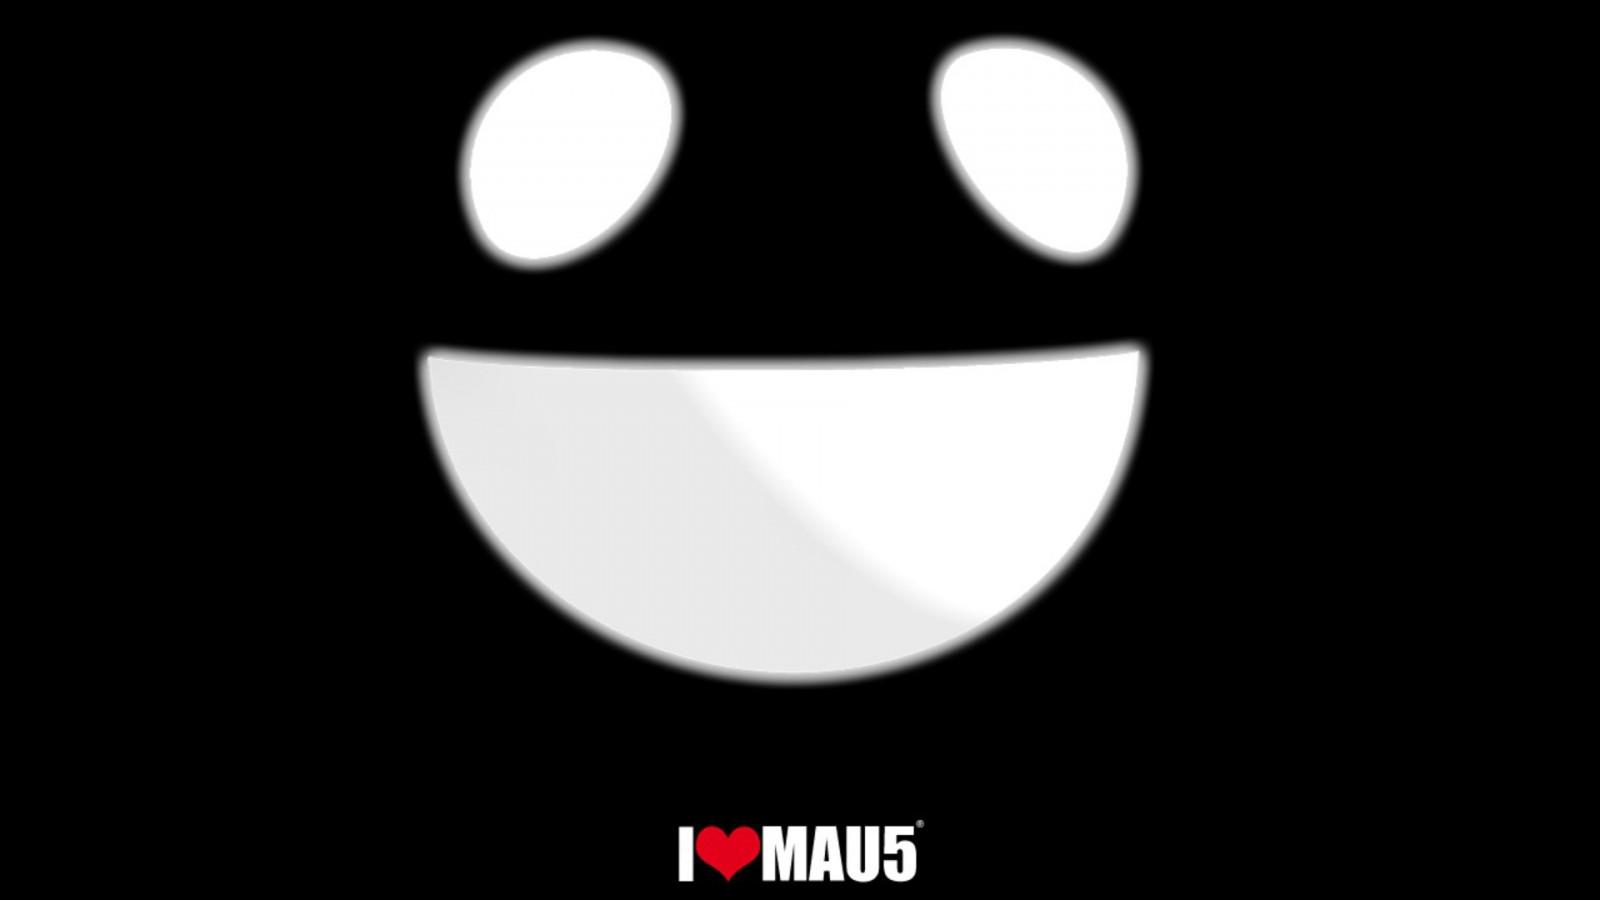 Hintergrundbilder : schwarz, Liebe, Herz, Text, Logo, Kreis, Smiley ...